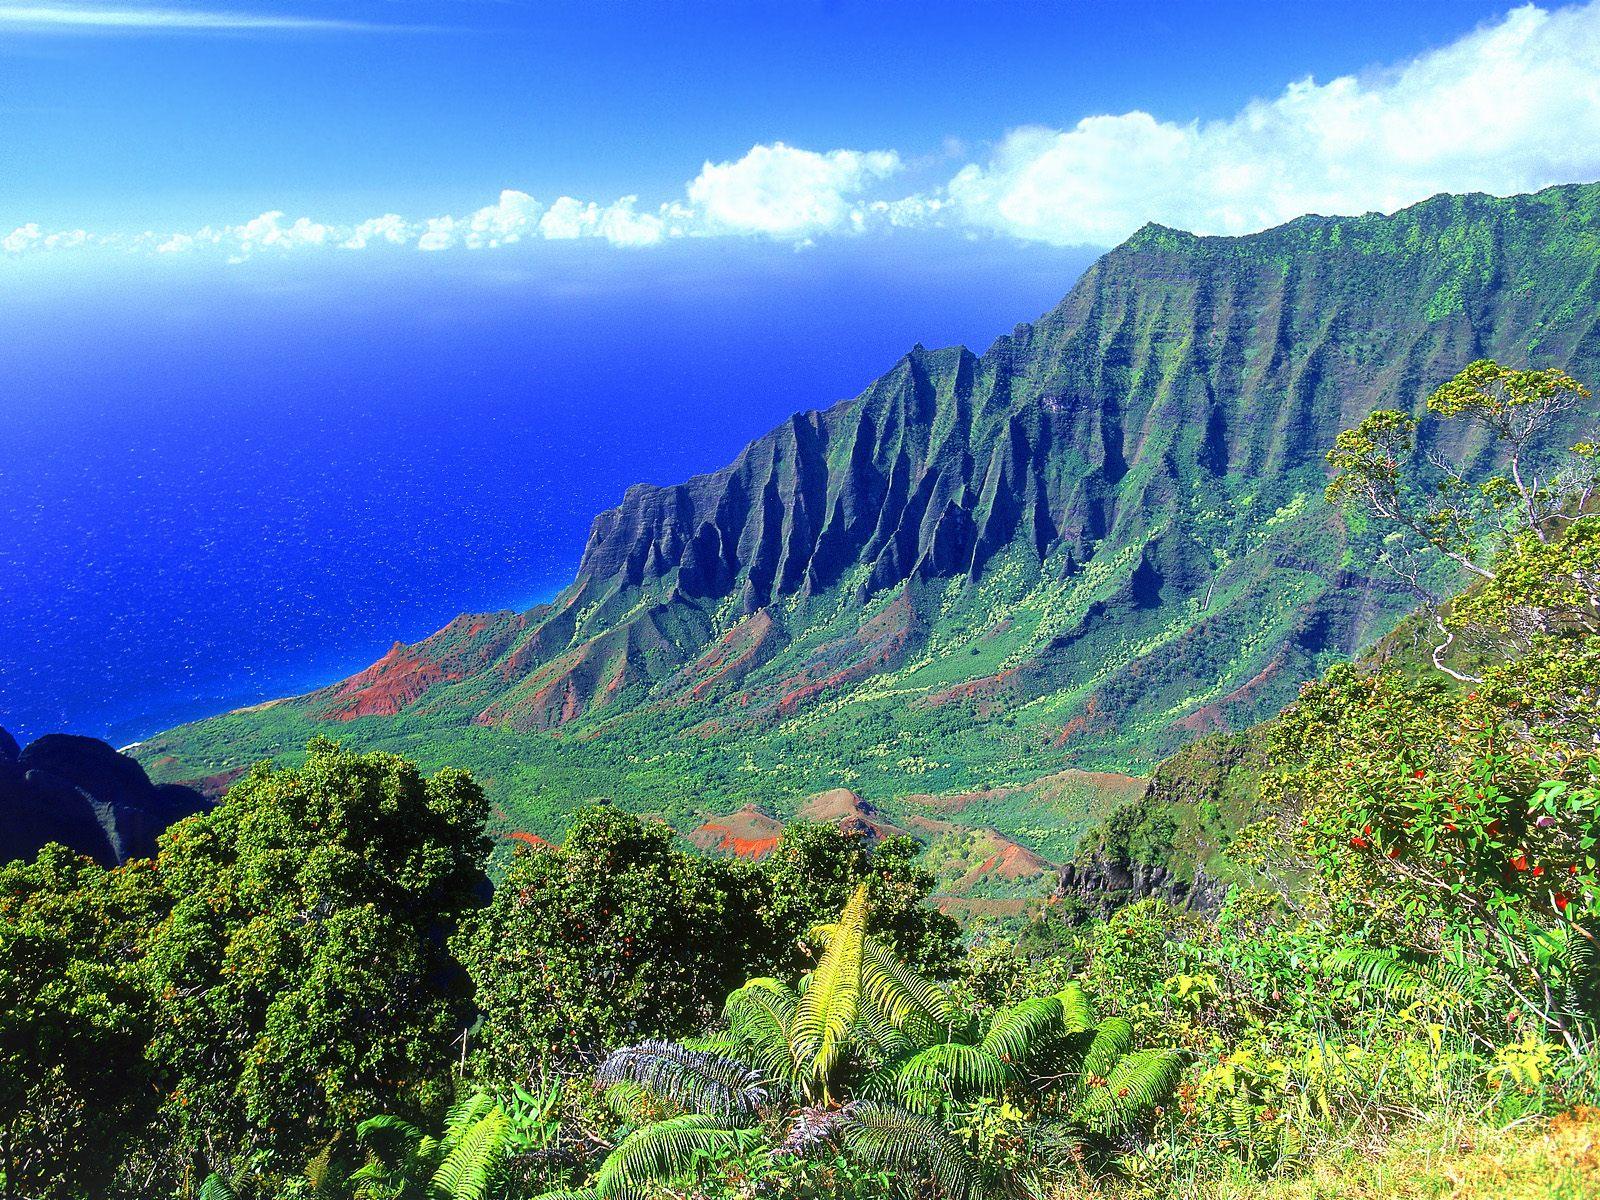 http://1.bp.blogspot.com/-TYPBYdST-xI/UPnIgFJtmMI/AAAAAAAAEhc/MV0TgQoyG3Y/s1600/the-kalalau-valley-kauai-hawaii.jpg